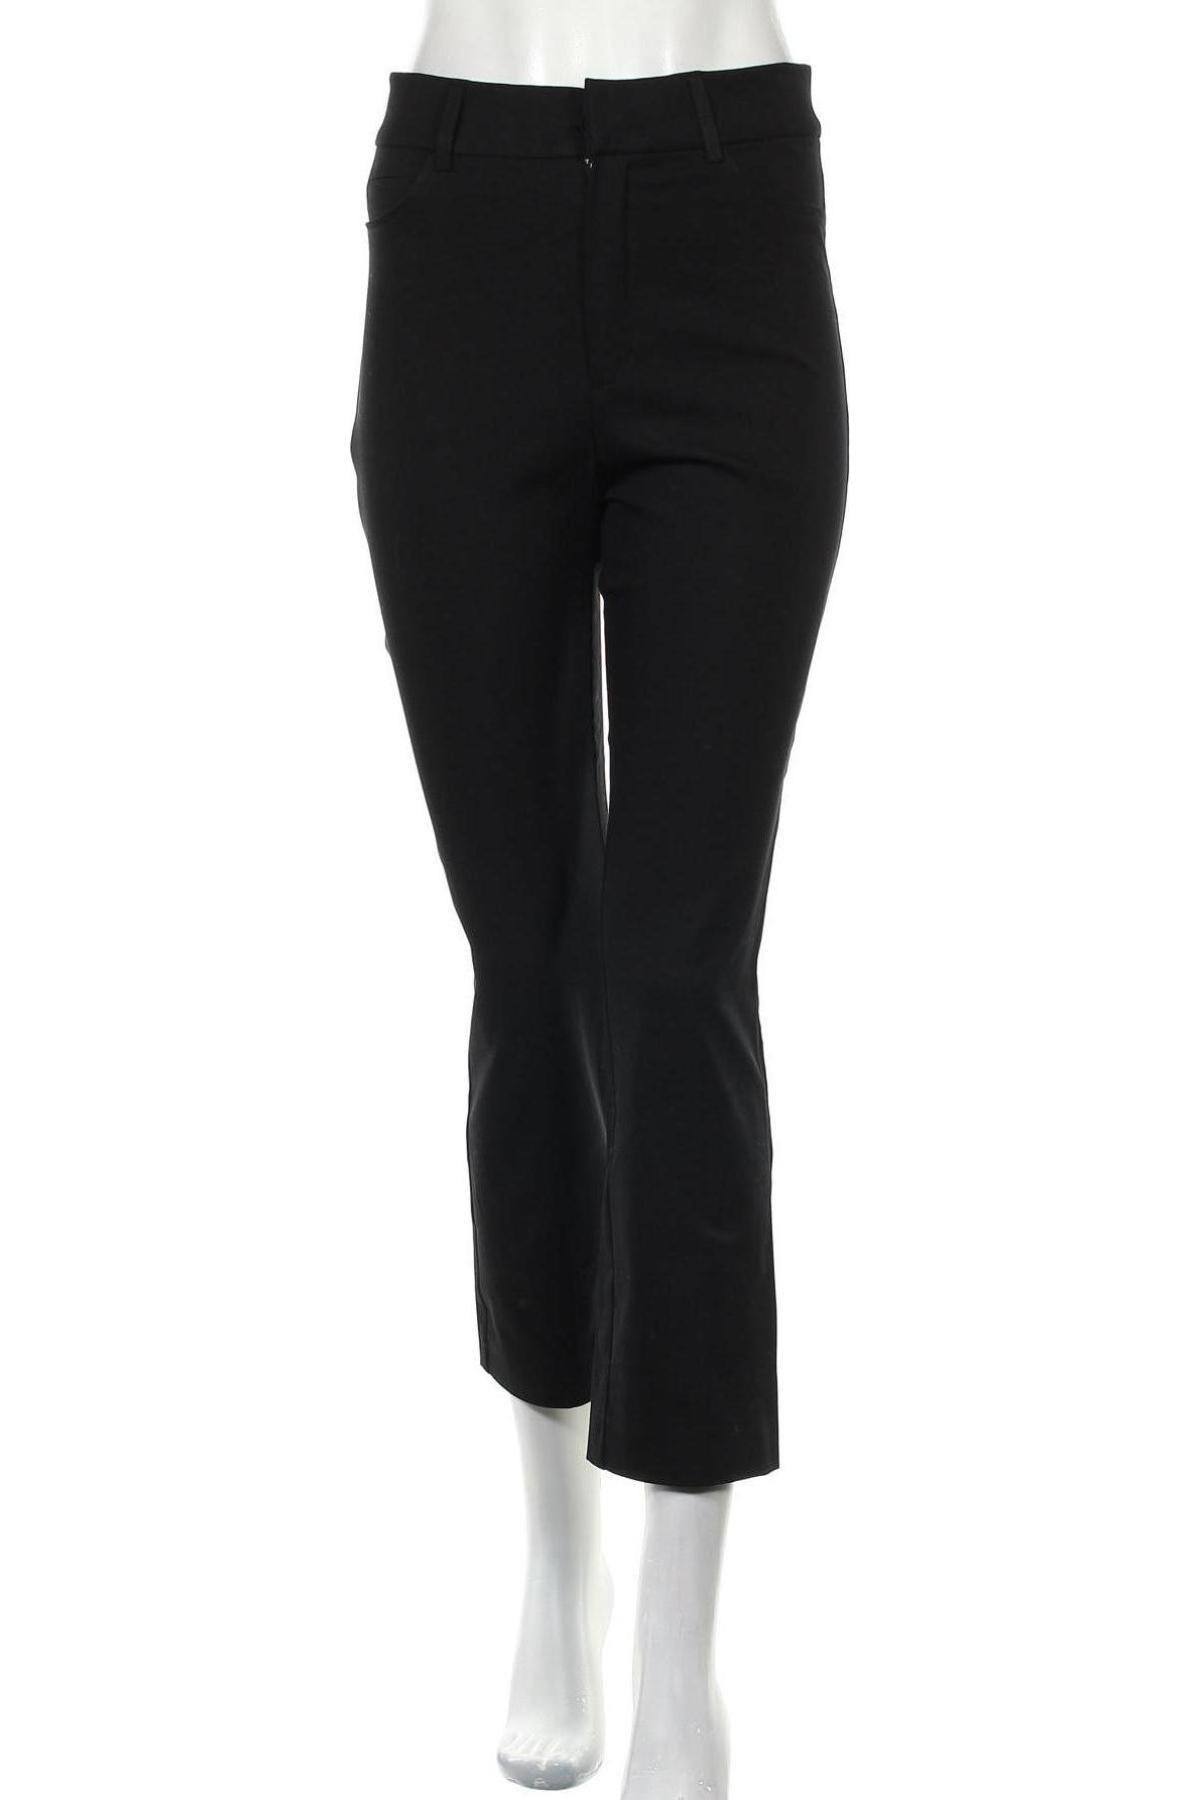 Дамски панталон Zara, Размер M, Цвят Черен, 95% памук, 5% еластан, Цена 51,75лв.